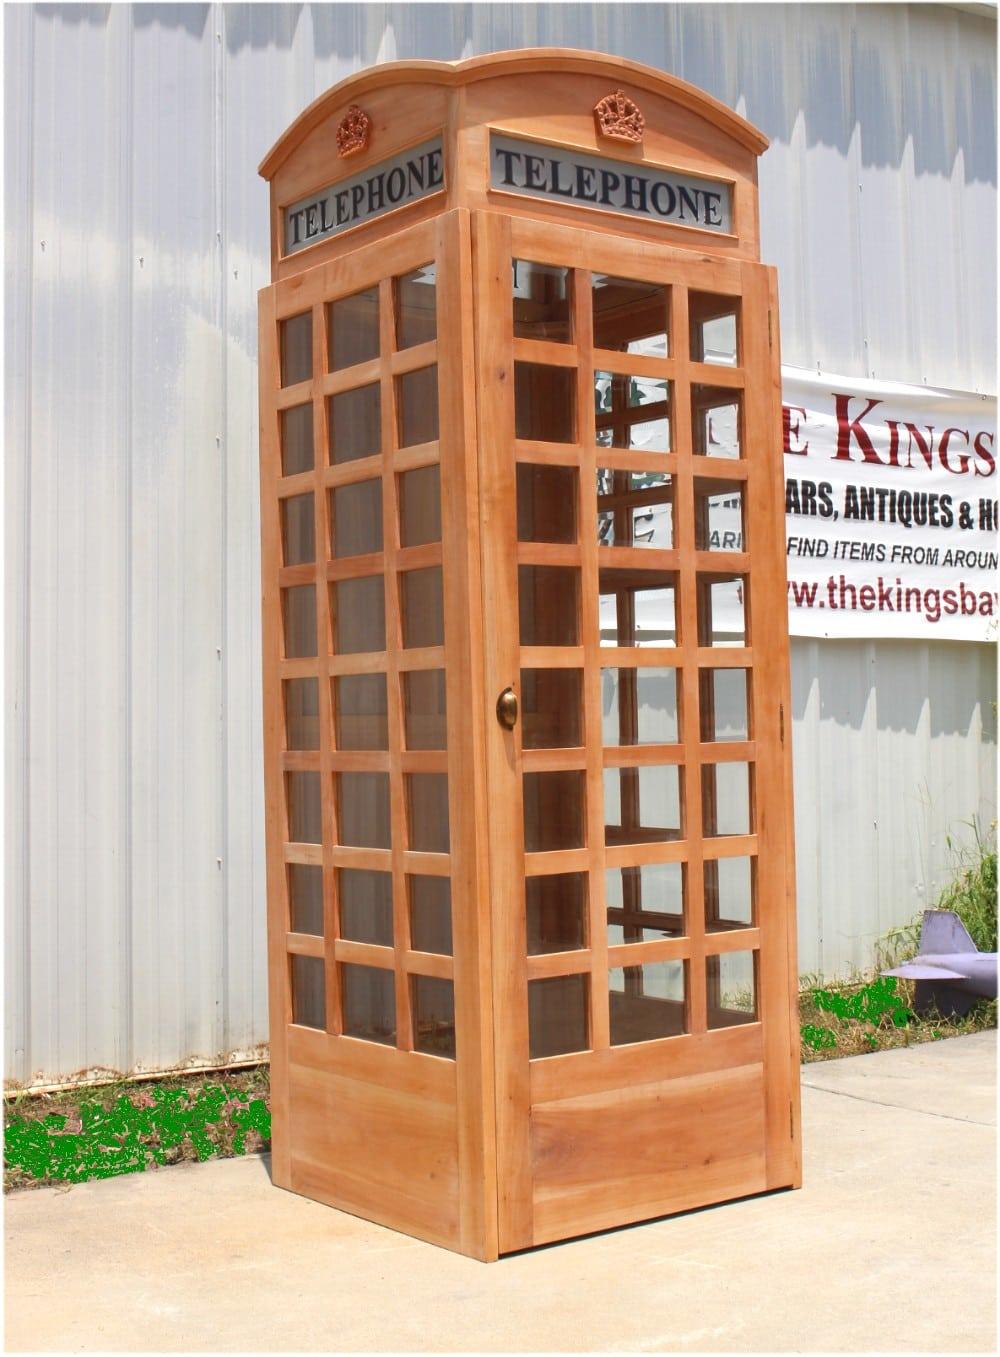 Unfinished Phone Box Wood English British Telephone Booth